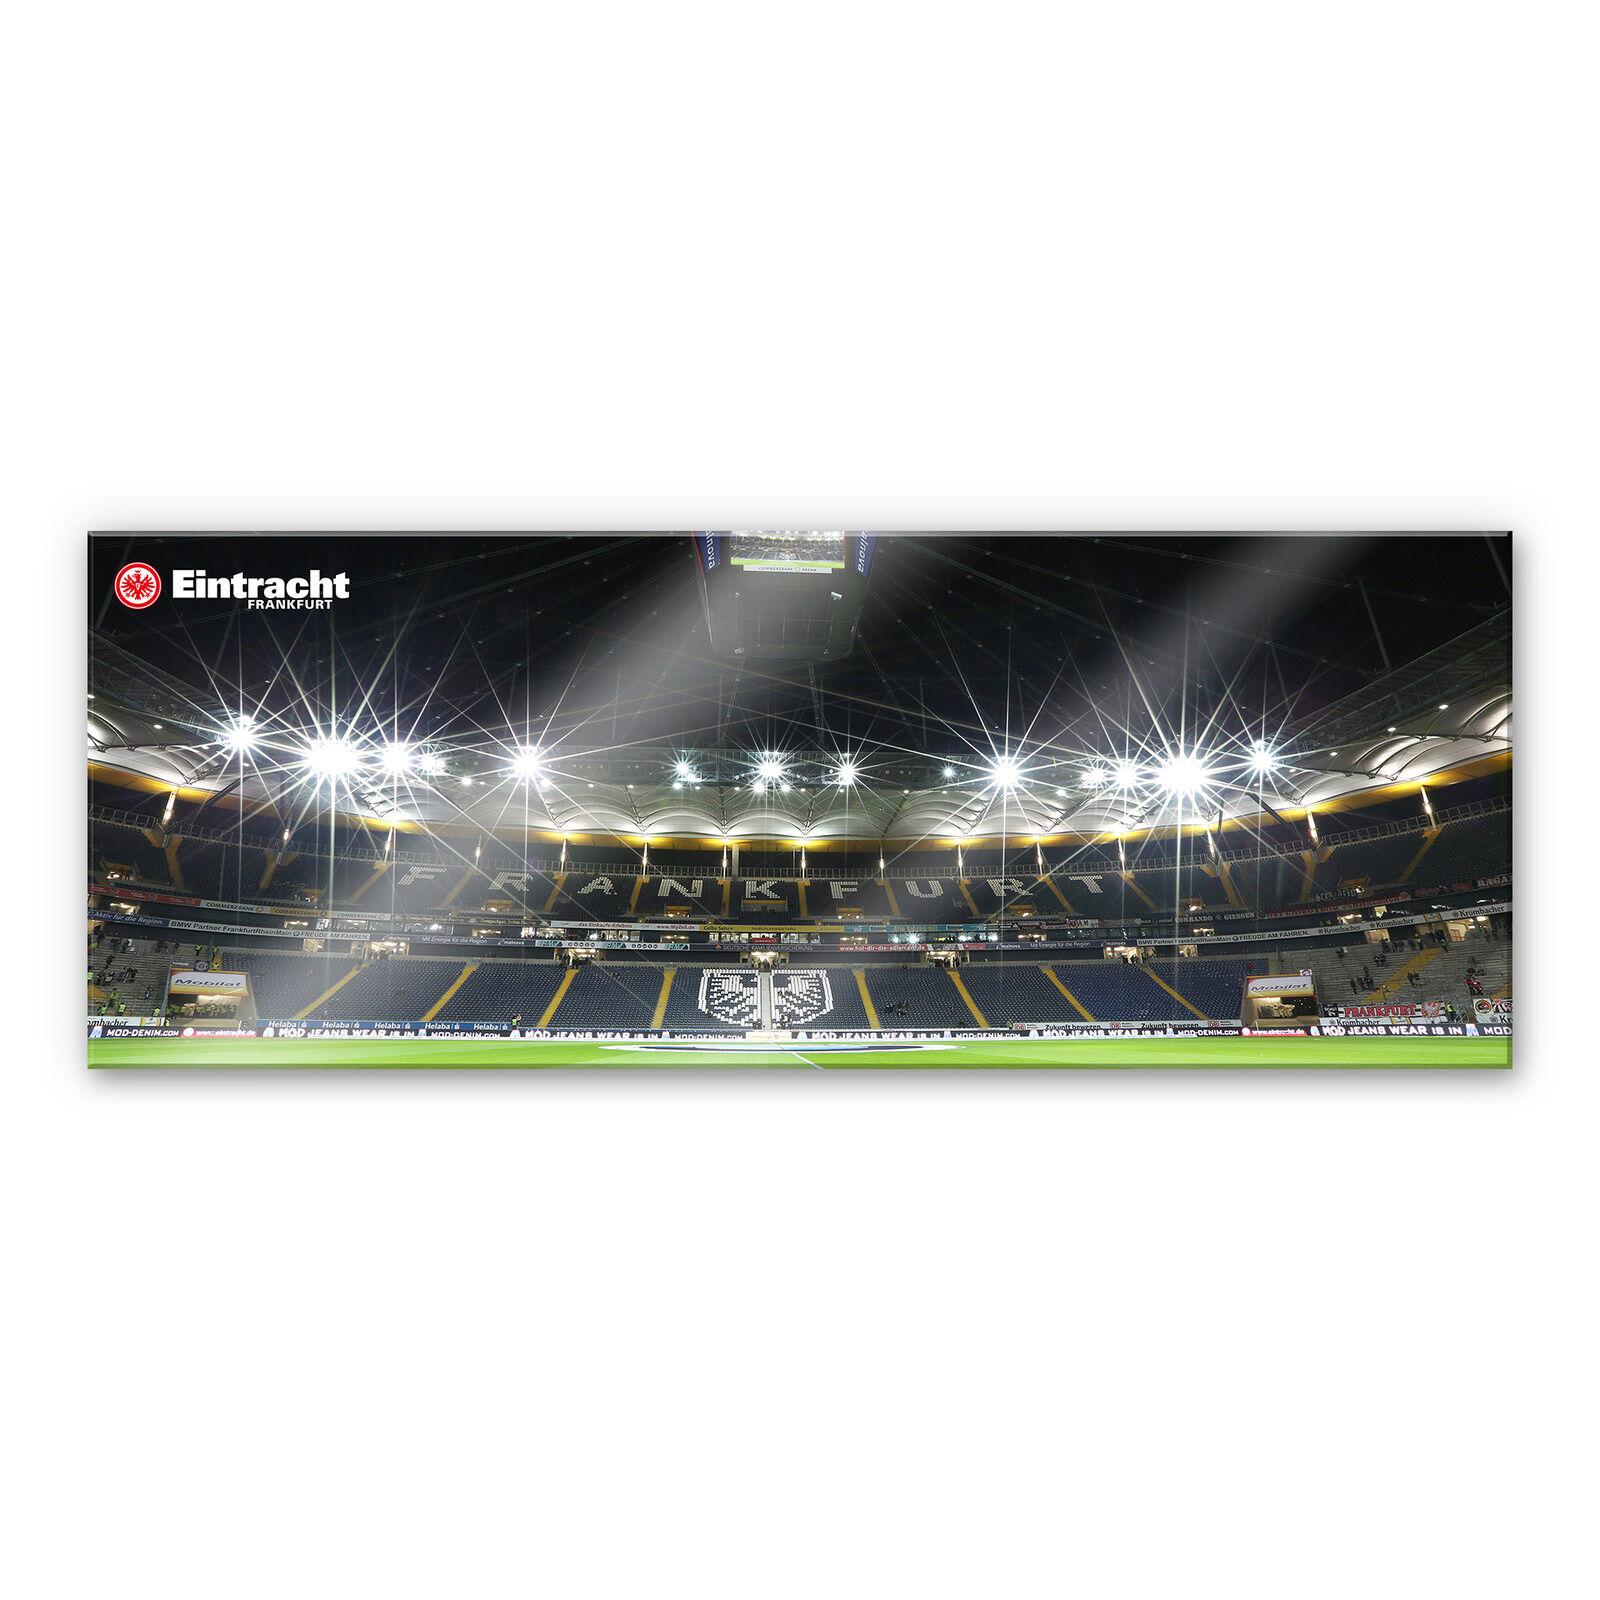 Acrylglasbild Eintracht Frankfurt Nacht - Panorama schwarz FANSHOP DEKO FUSSBALL  | Sonderangebot